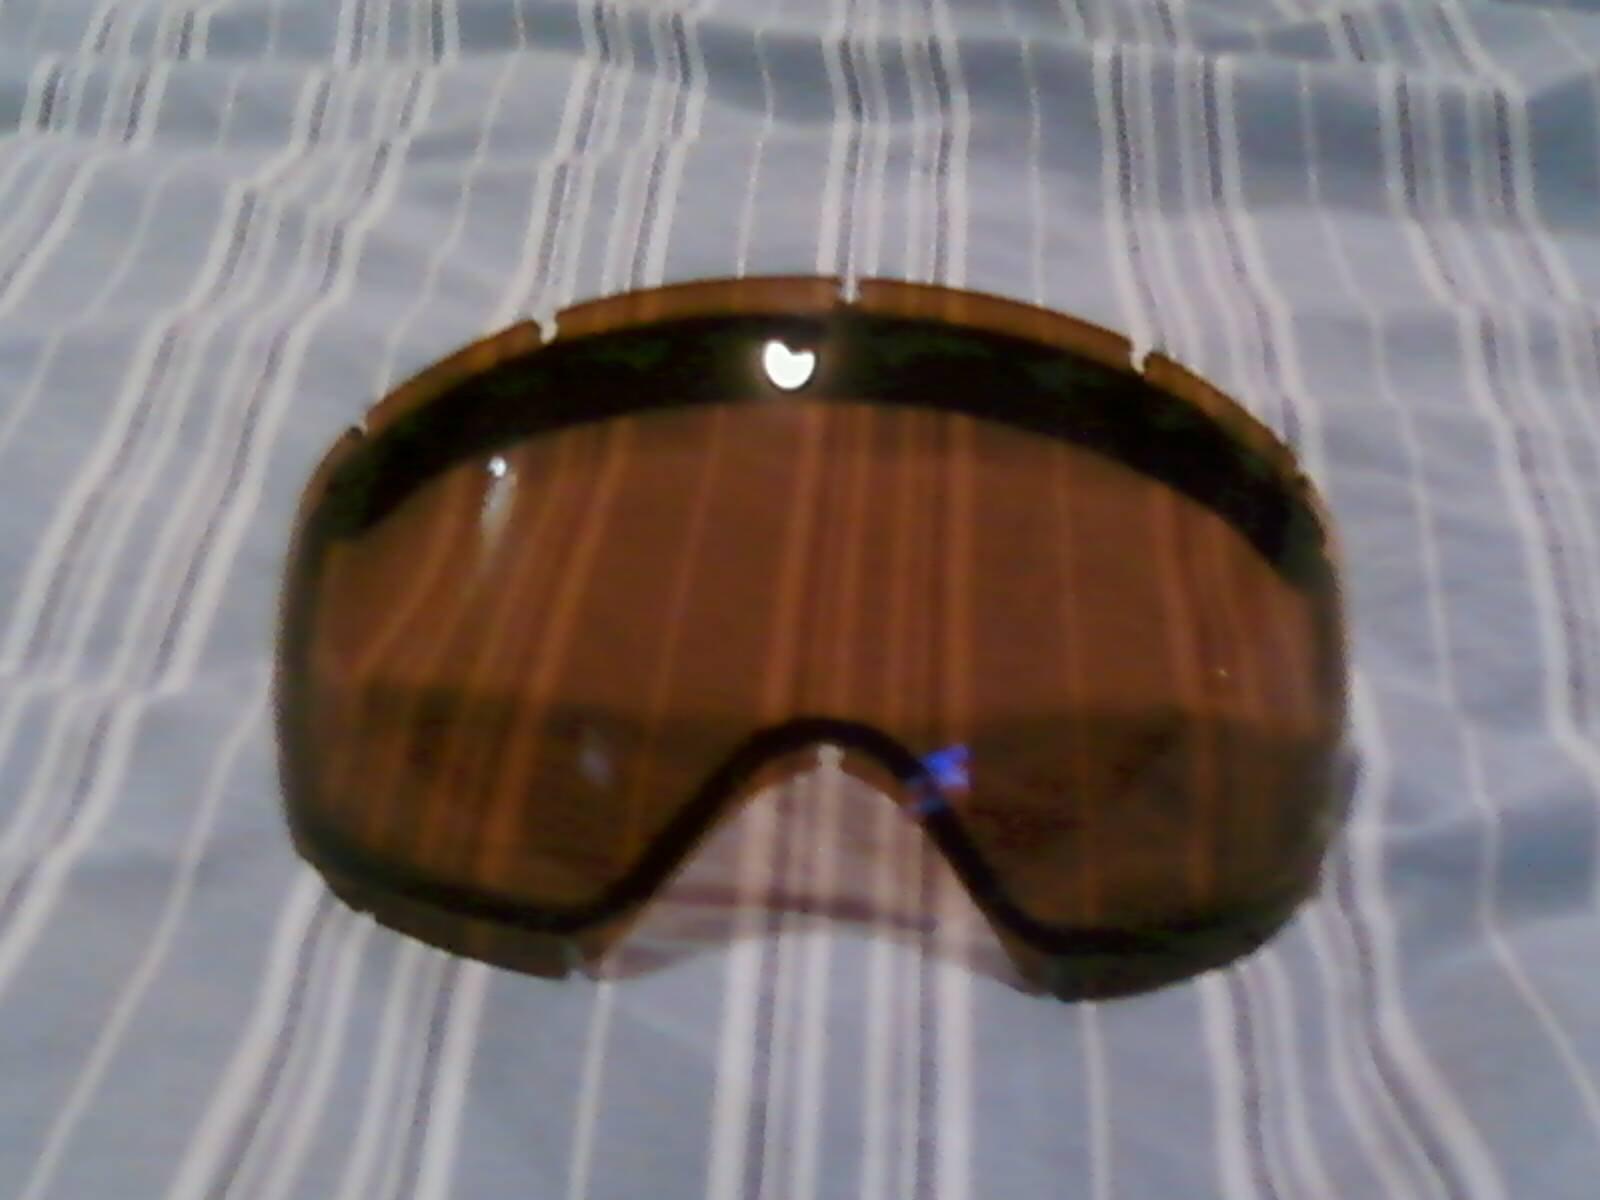 Vr28 lens